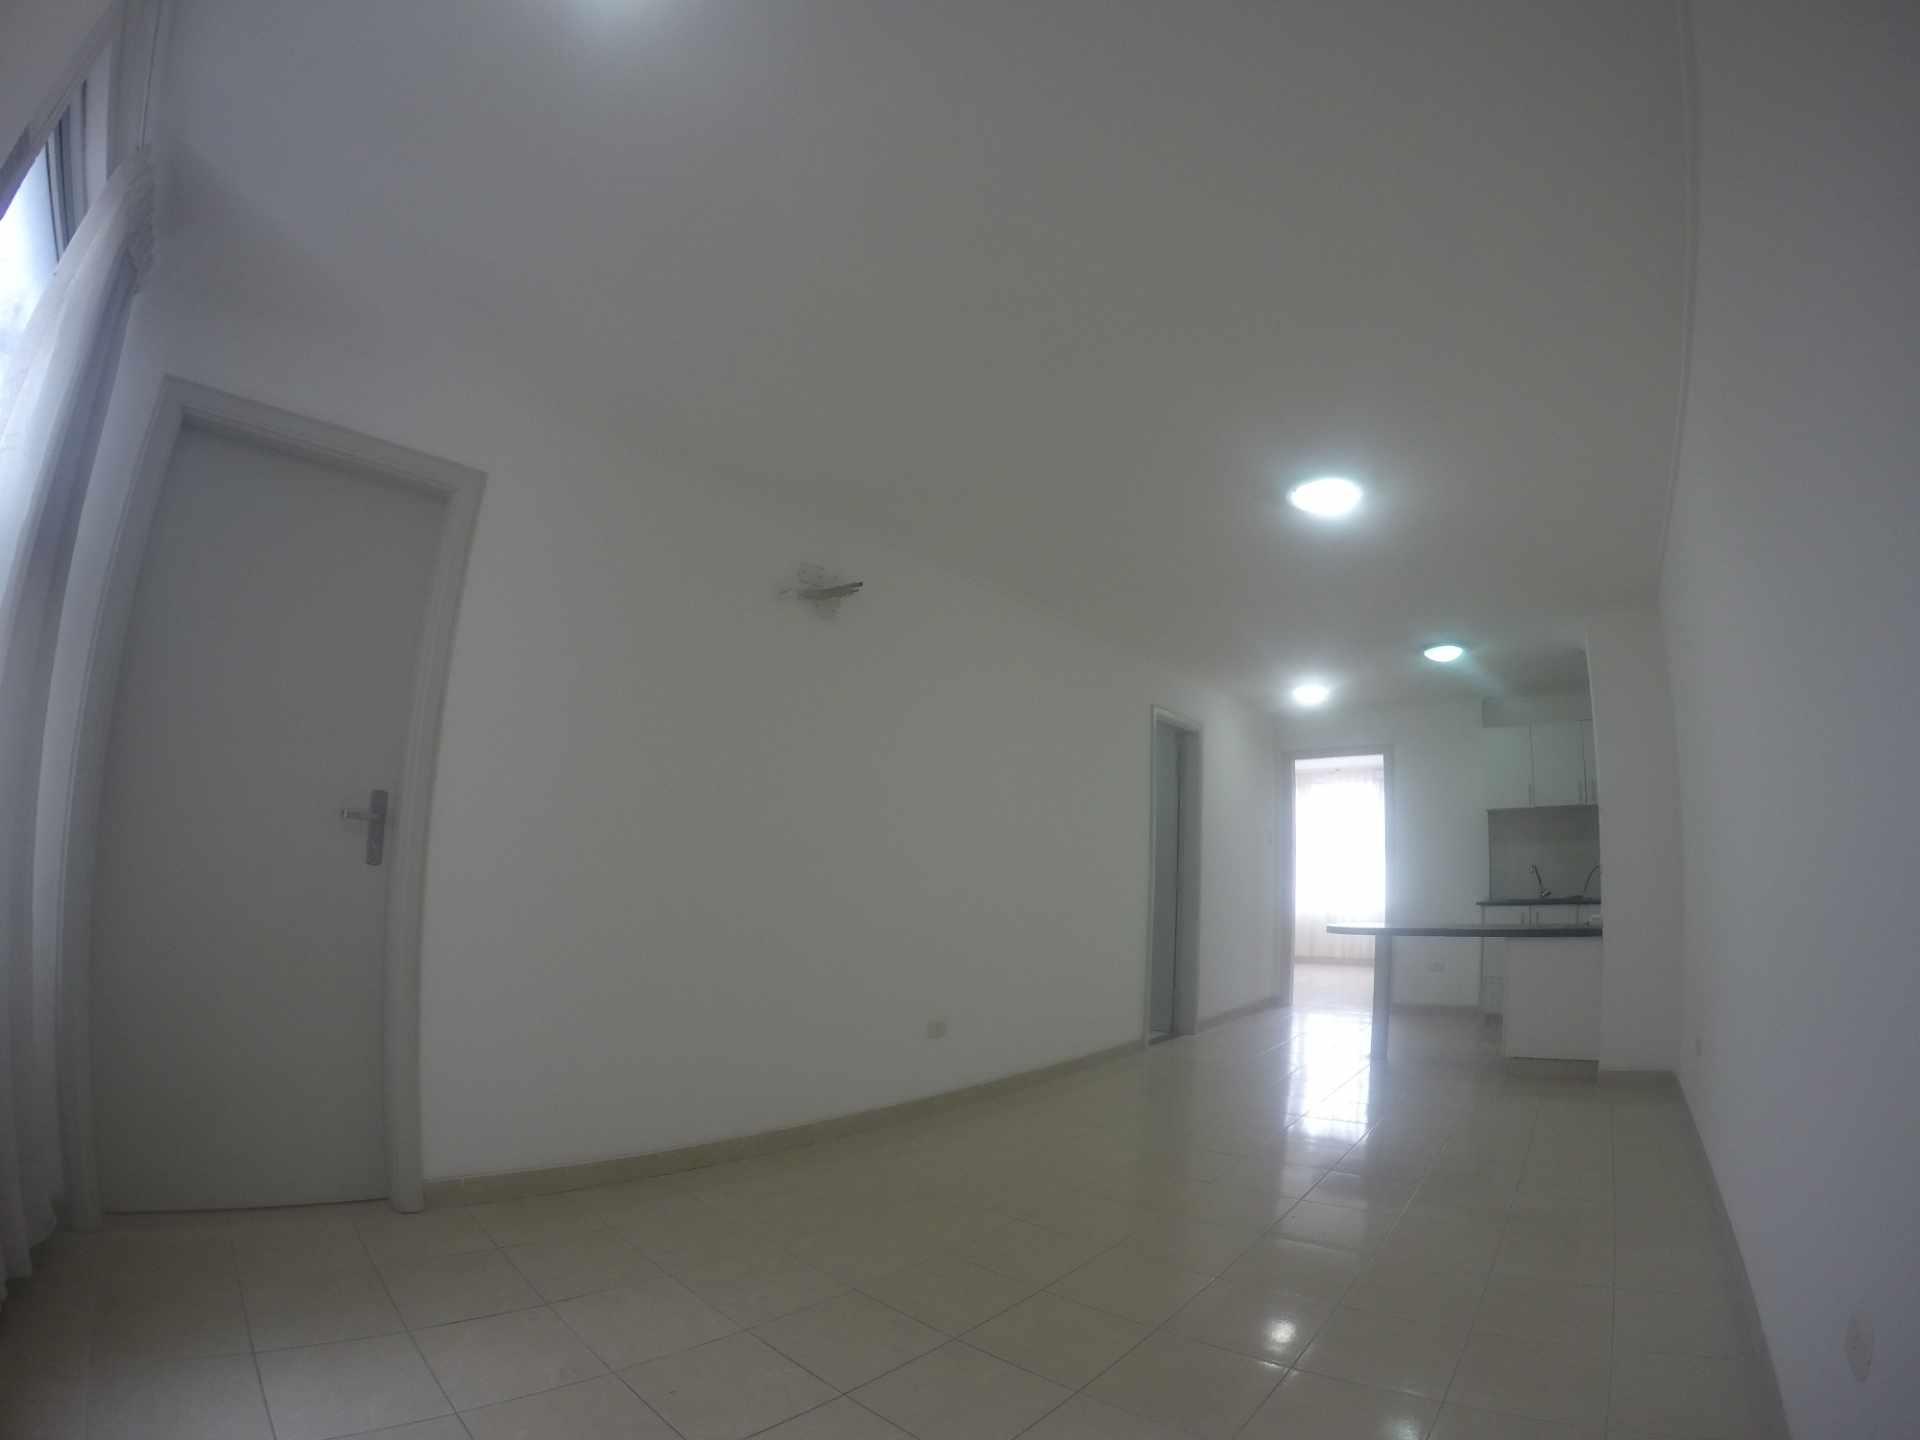 Departamento en Venta Condominio San Antonio [Av. Banzer 2do. y 3er. Anillo], De ocasión vendo departamento de 2 dormitorios sin parqueo. [69.000$us.] Foto 2